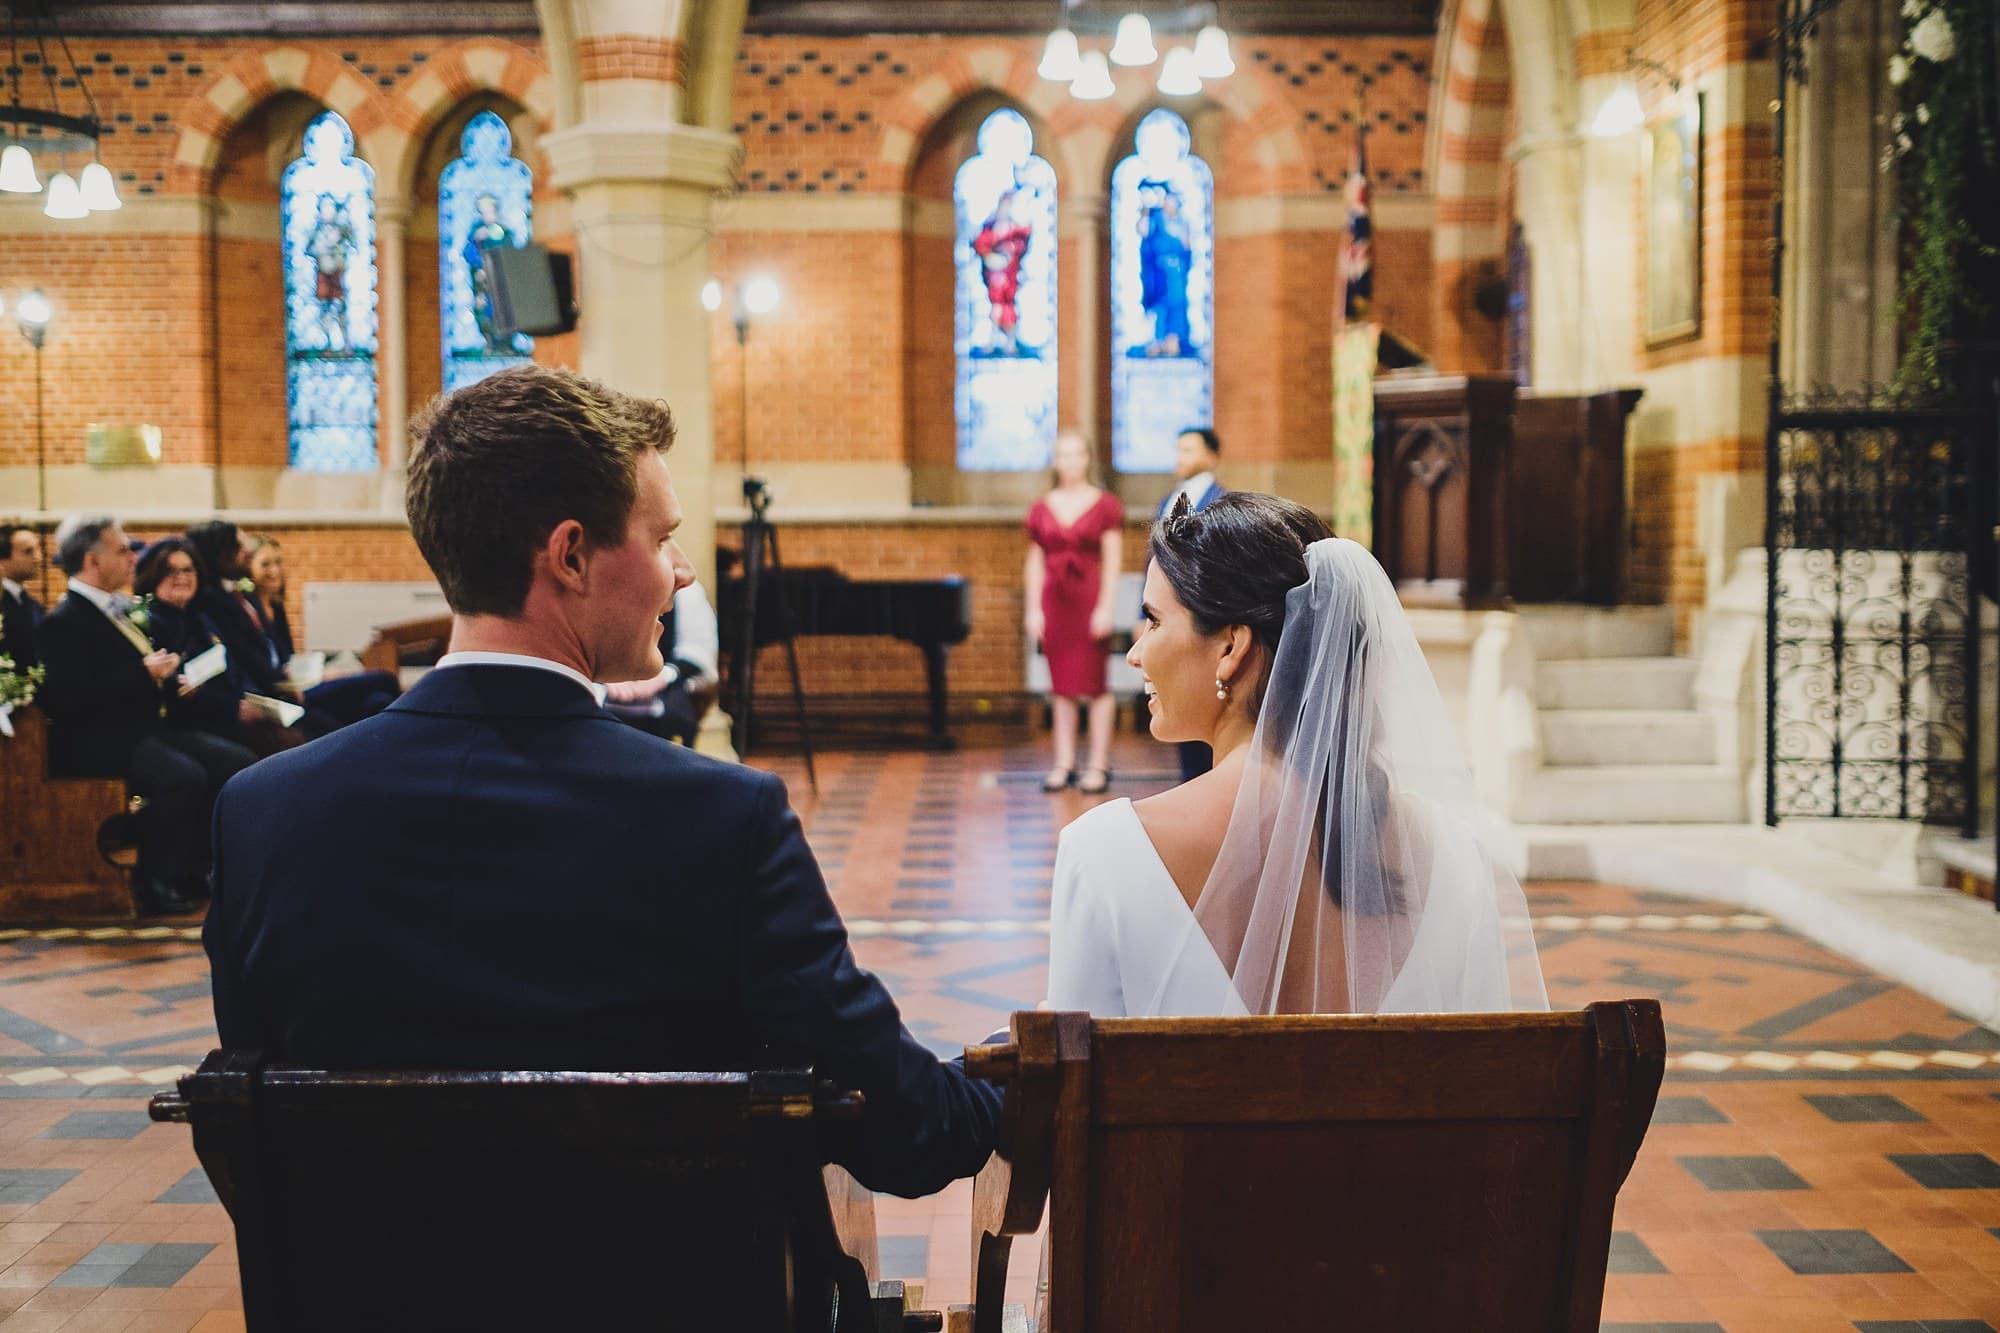 fulham palace wedding photographer ok 034 - Olivia + Kyle